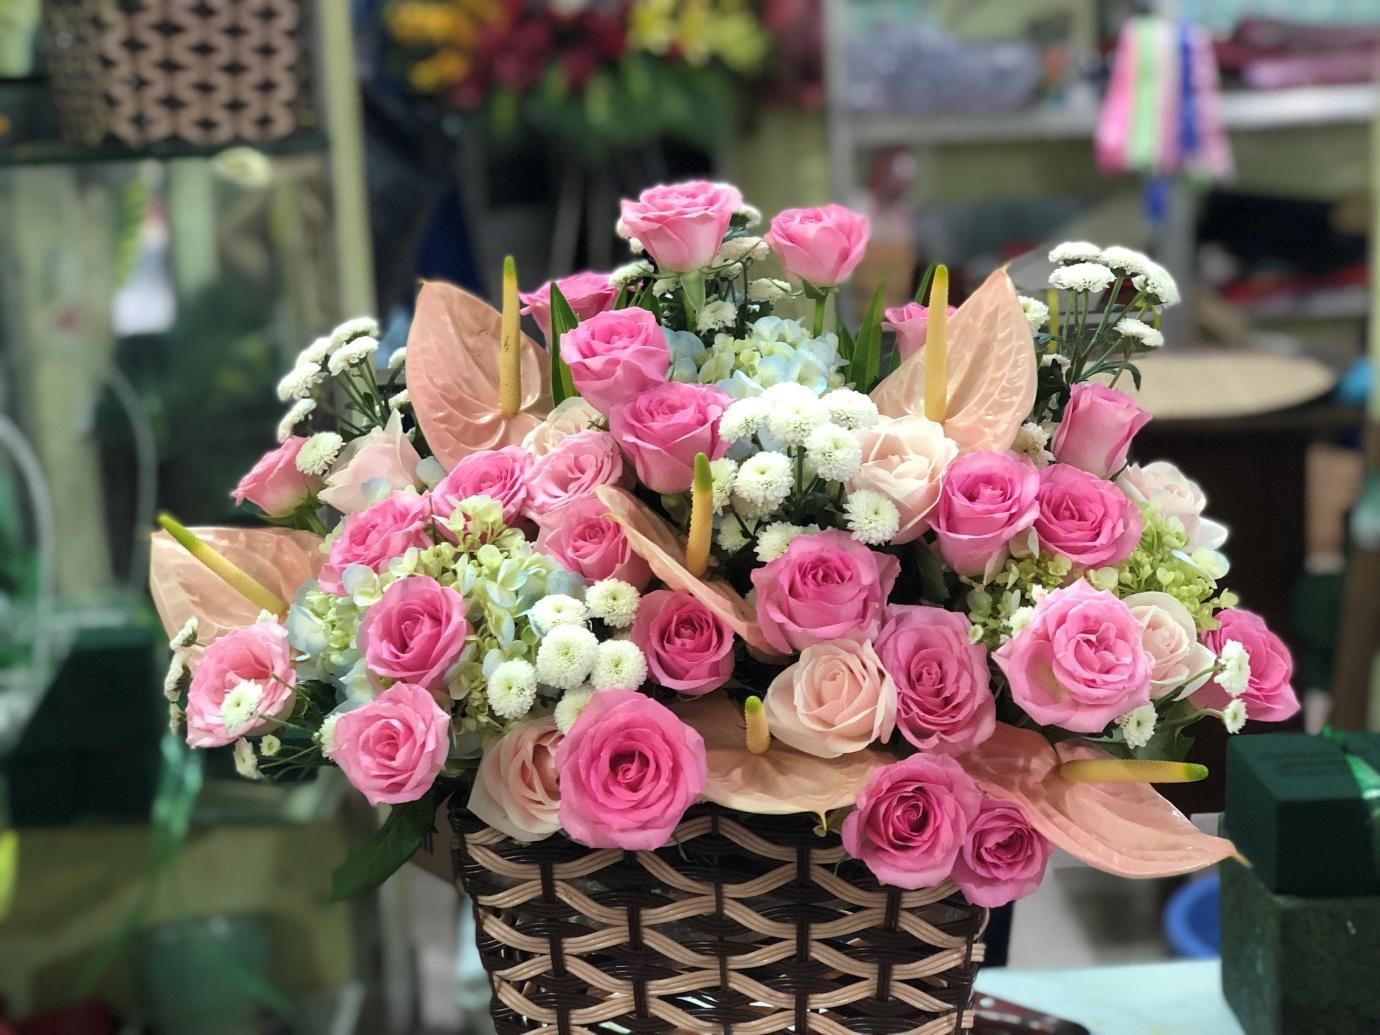 Kết quả hình ảnh cho bảo quản hoa đúng cách